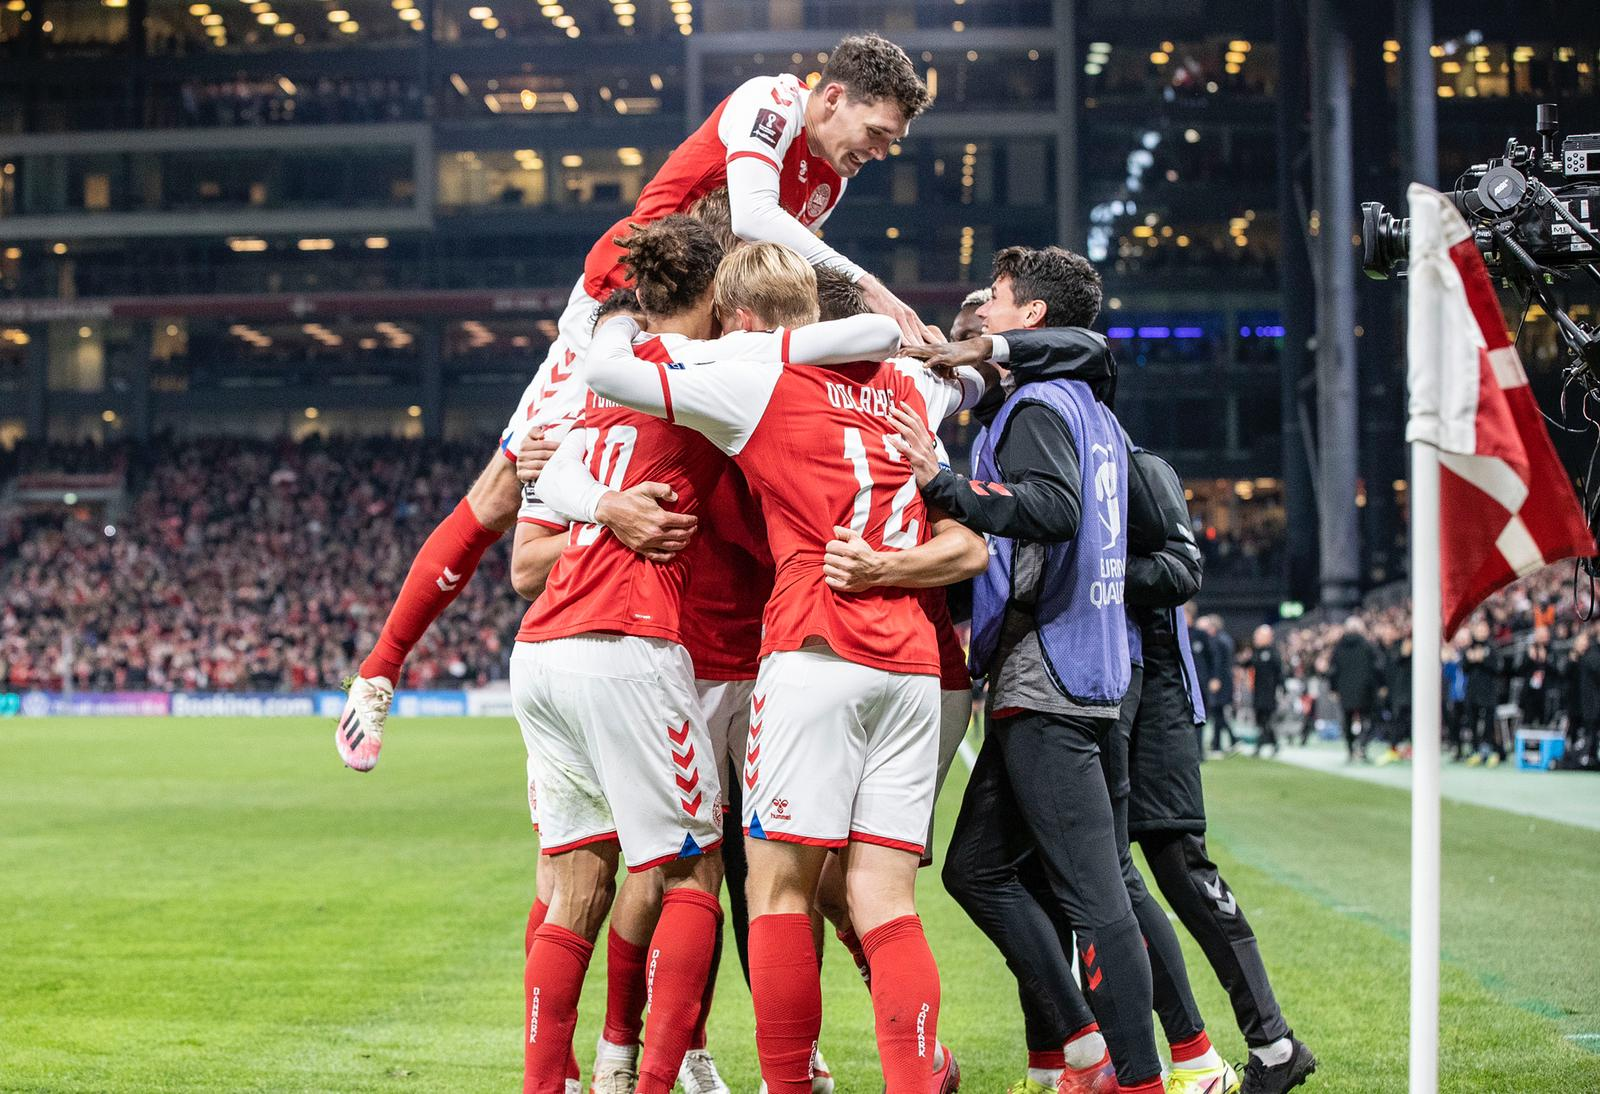 Đan Mạch thăng hoa không ngừng sau EURO - Bóng Đá